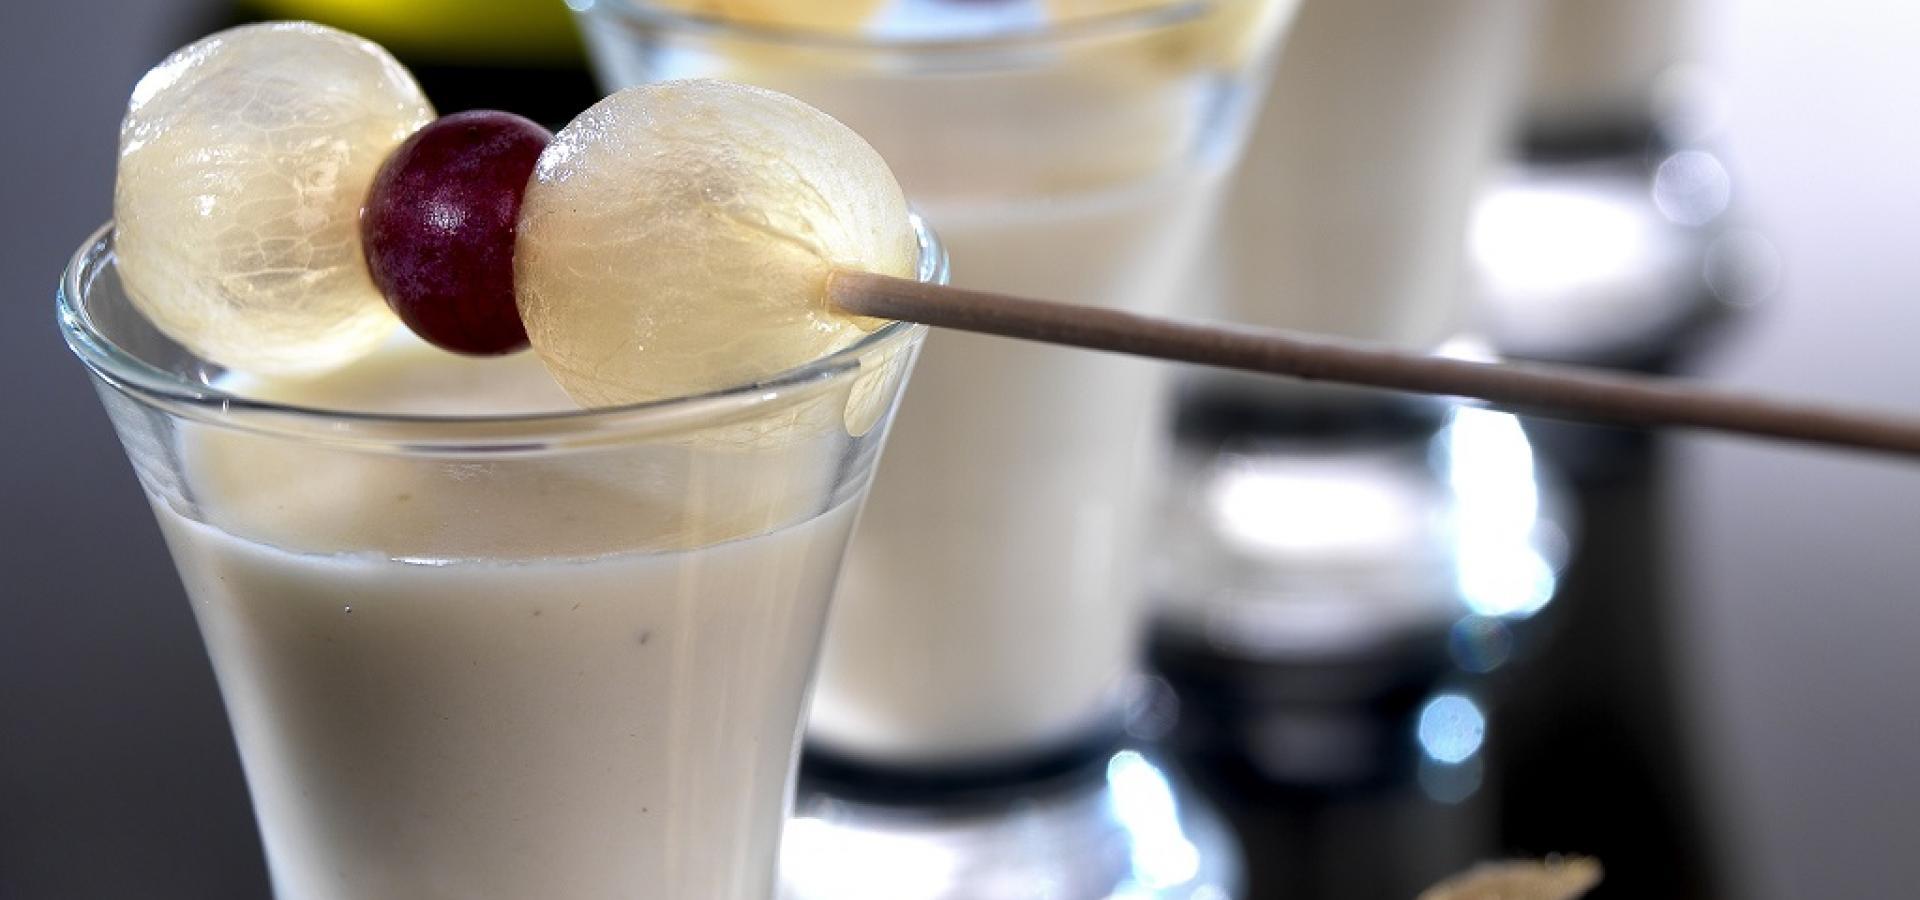 エクストラ・バージン・オリーブ・オイル風味のアーモンド・ぶどうクリームのショットグラス